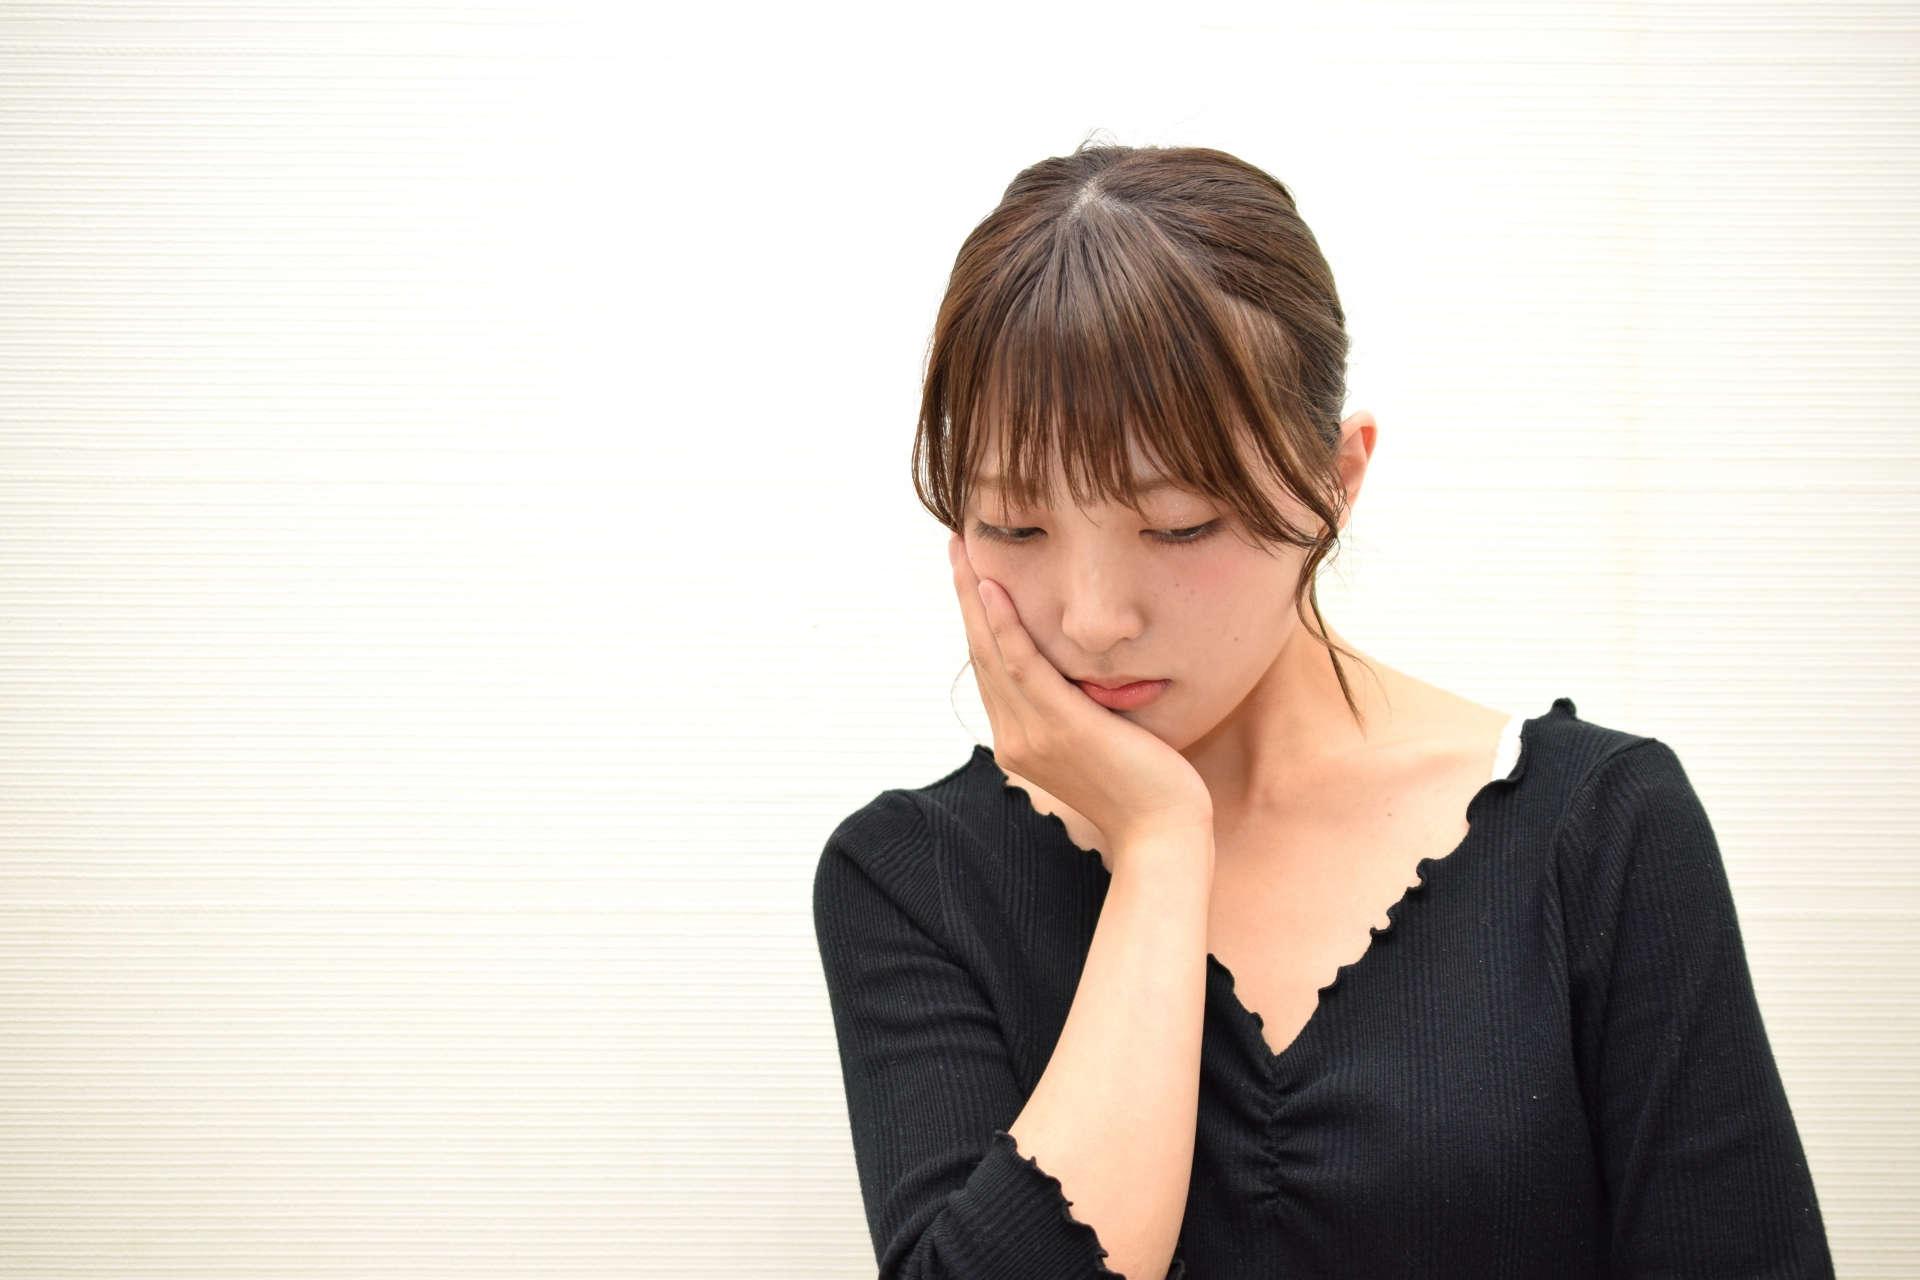 婚活に疲れて悩んでいる女性